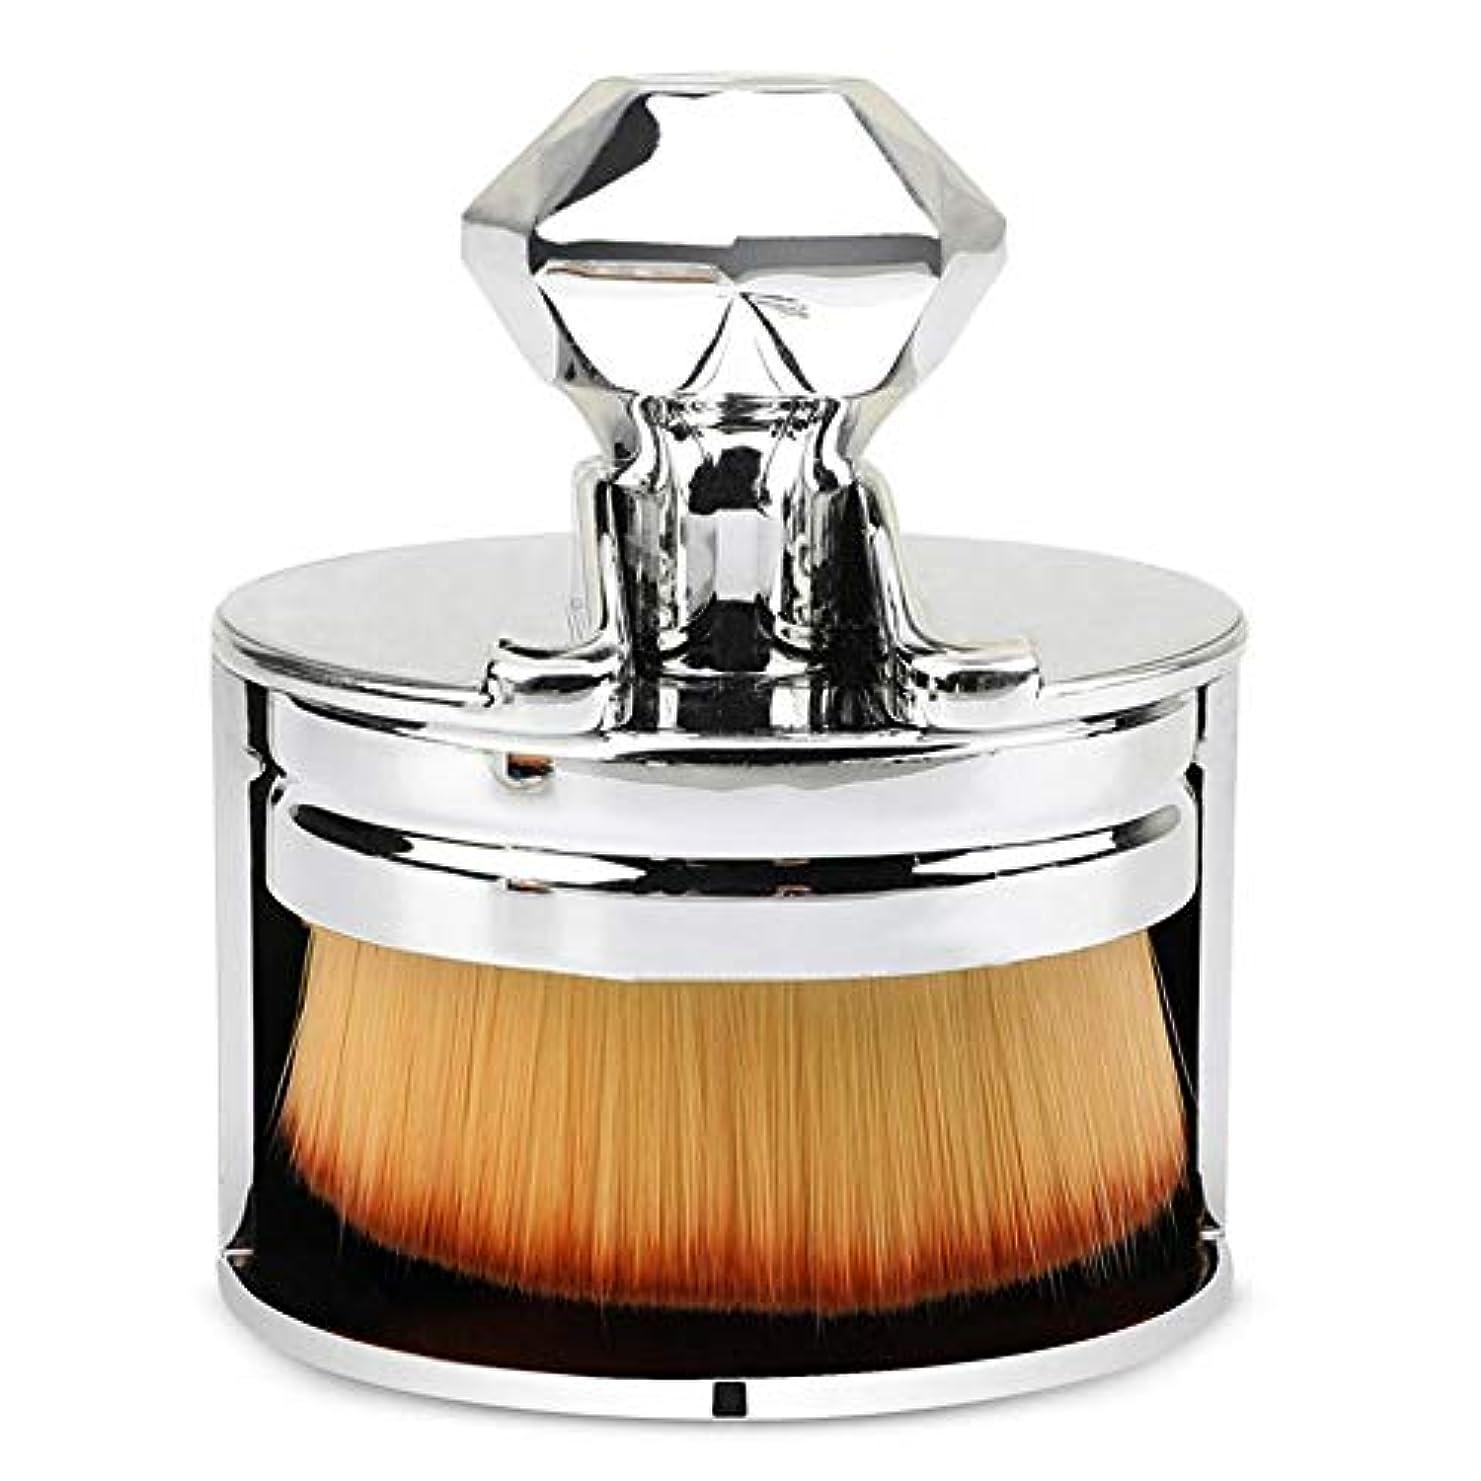 ラブ体操中性化粧筆 人気ファンデーションブラシ ファンデーションブラシ使いやすい 初心者 美容院 化粧ツール